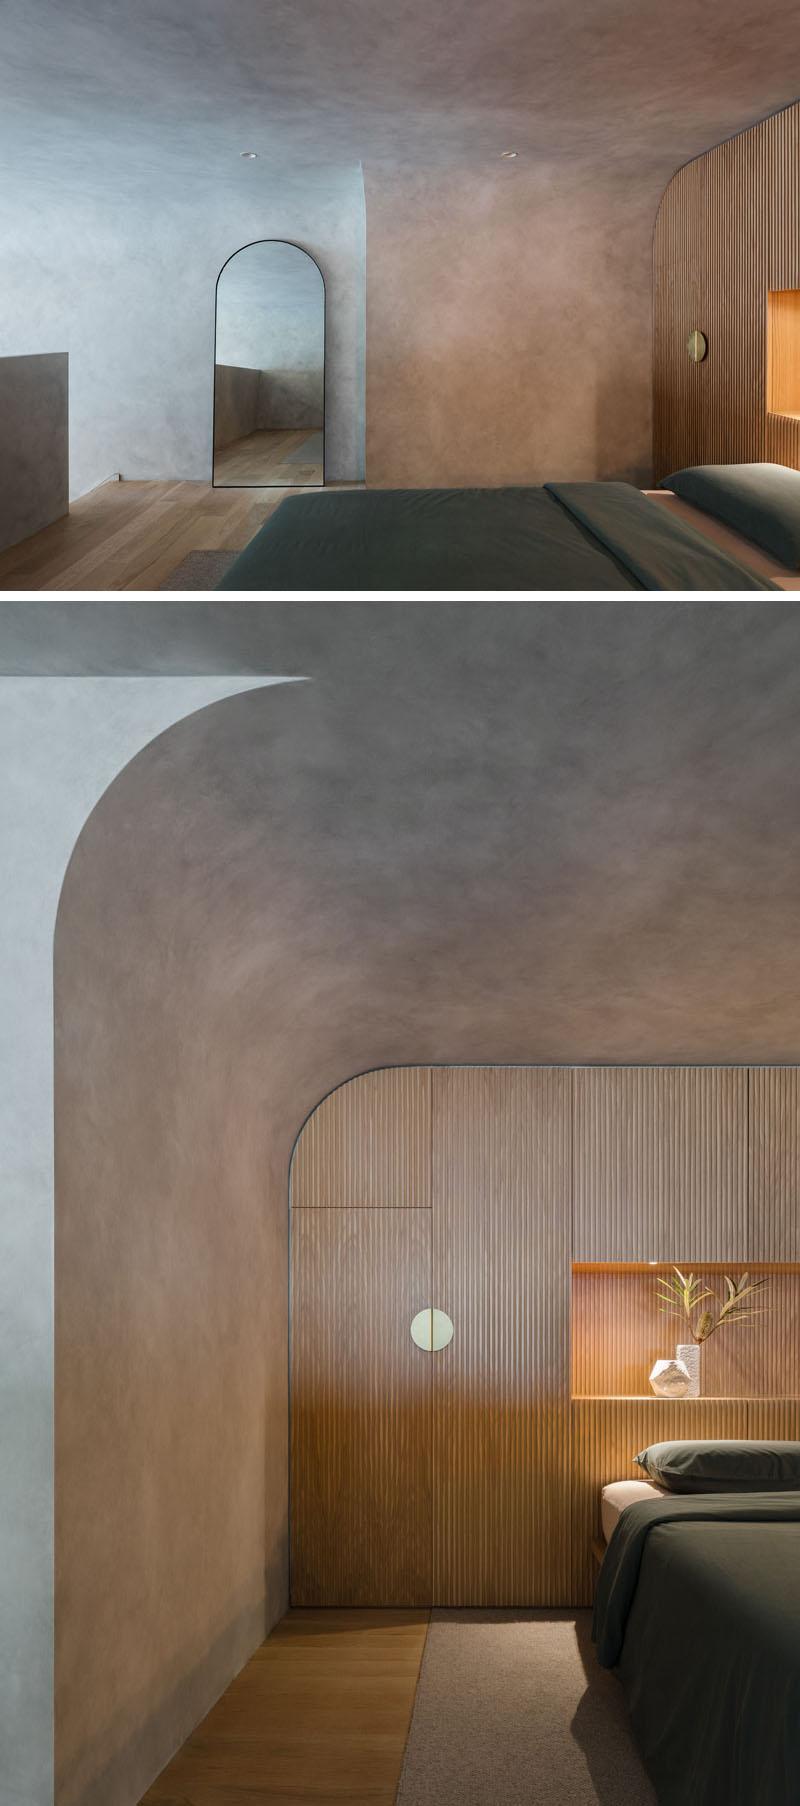 طراحی آپارتمان مدرن دراماتیک